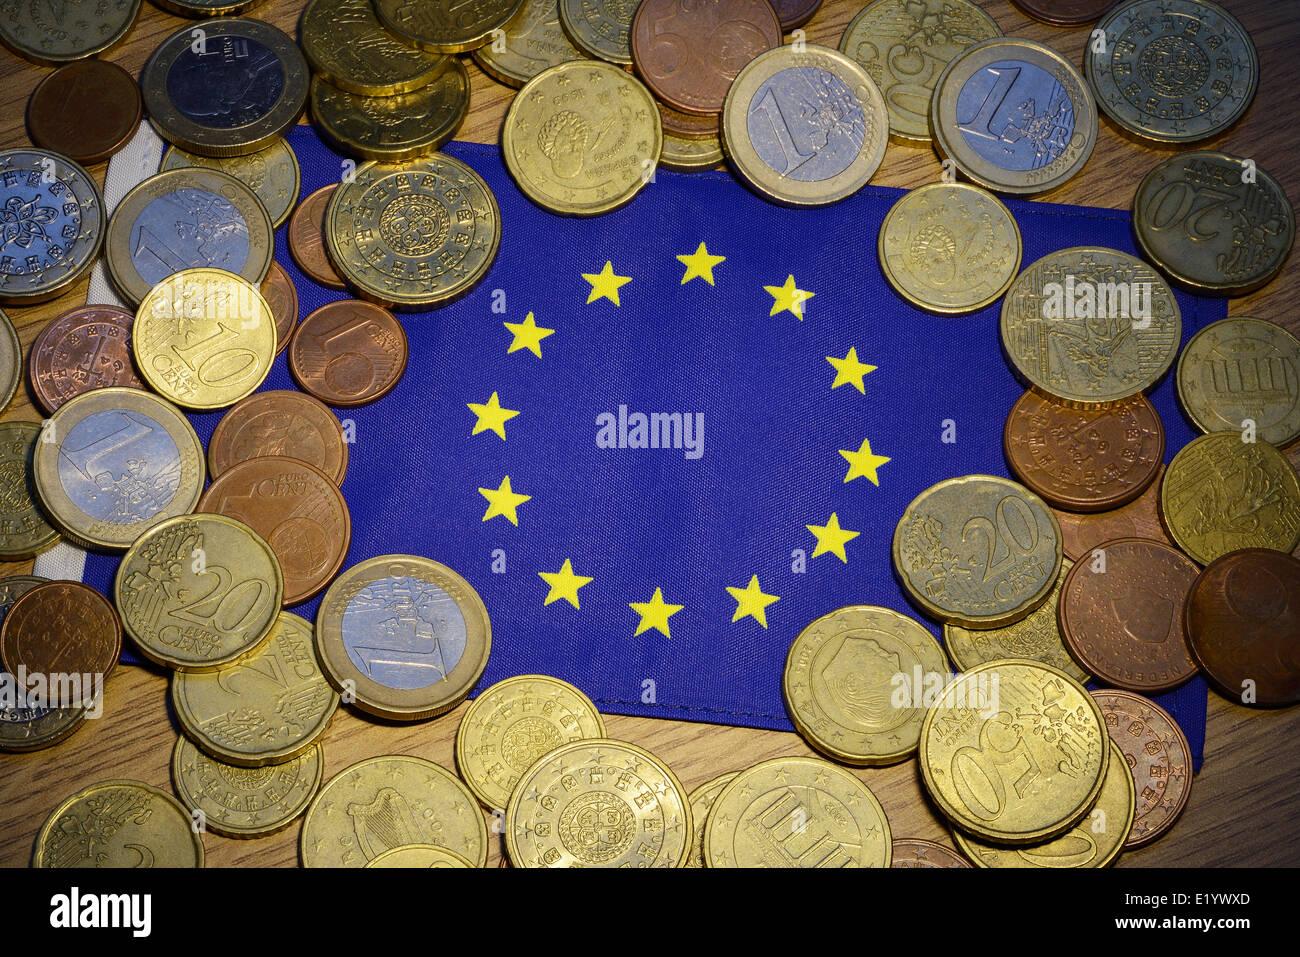 Euro coins and an EU flag - Stock Image